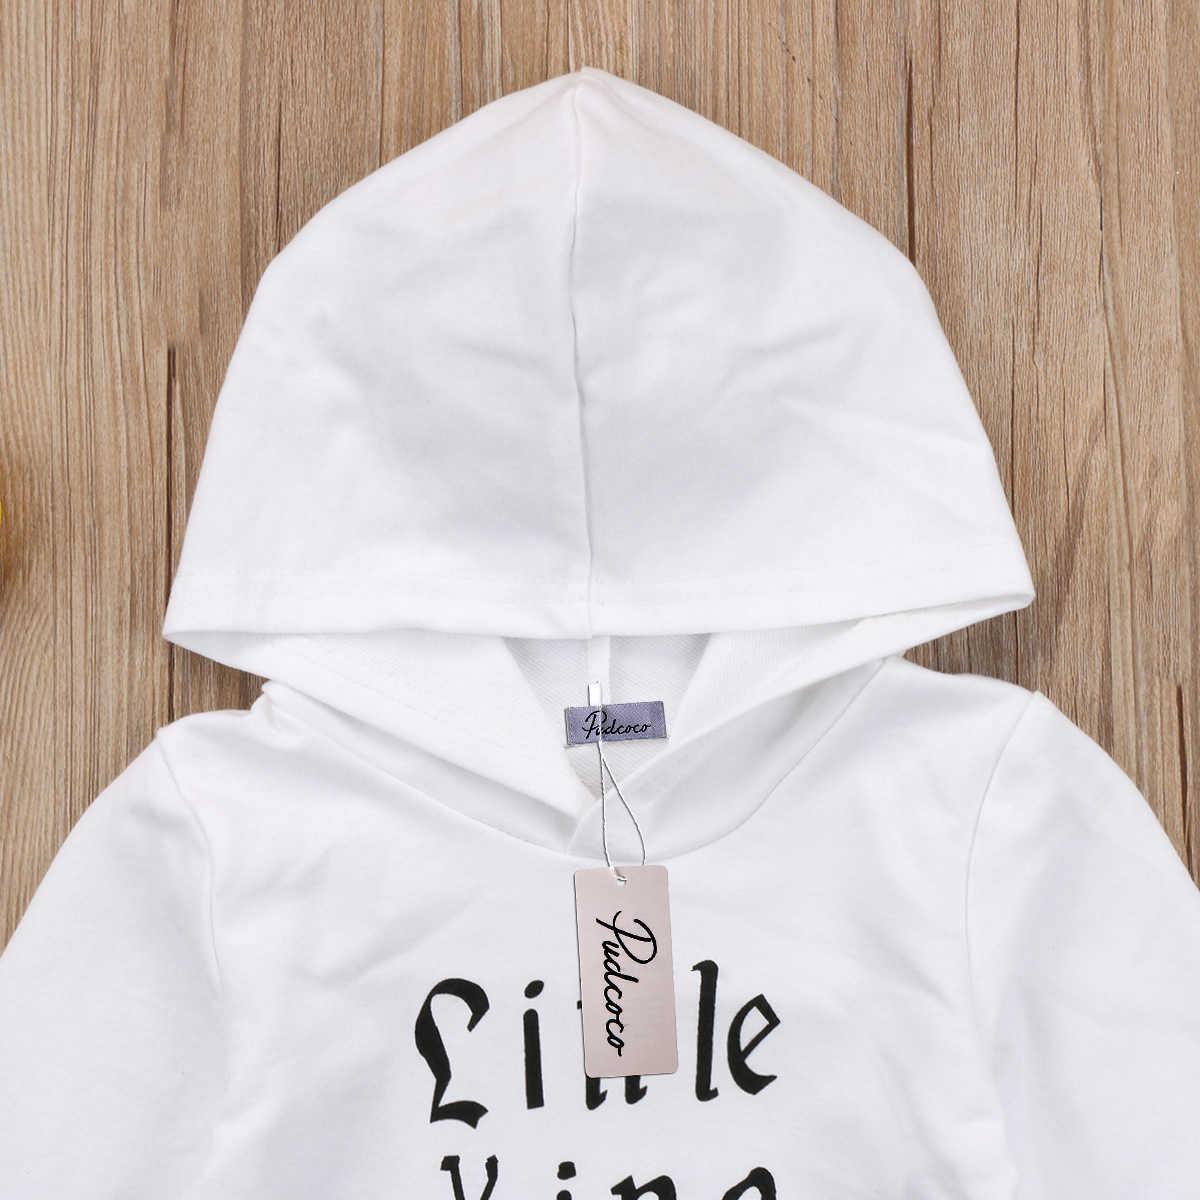 Nuevos 2018 niños pequeños bebé niño algodón de manga larga con capucha Tops abrigo ropa de abrigo trajes Casuales